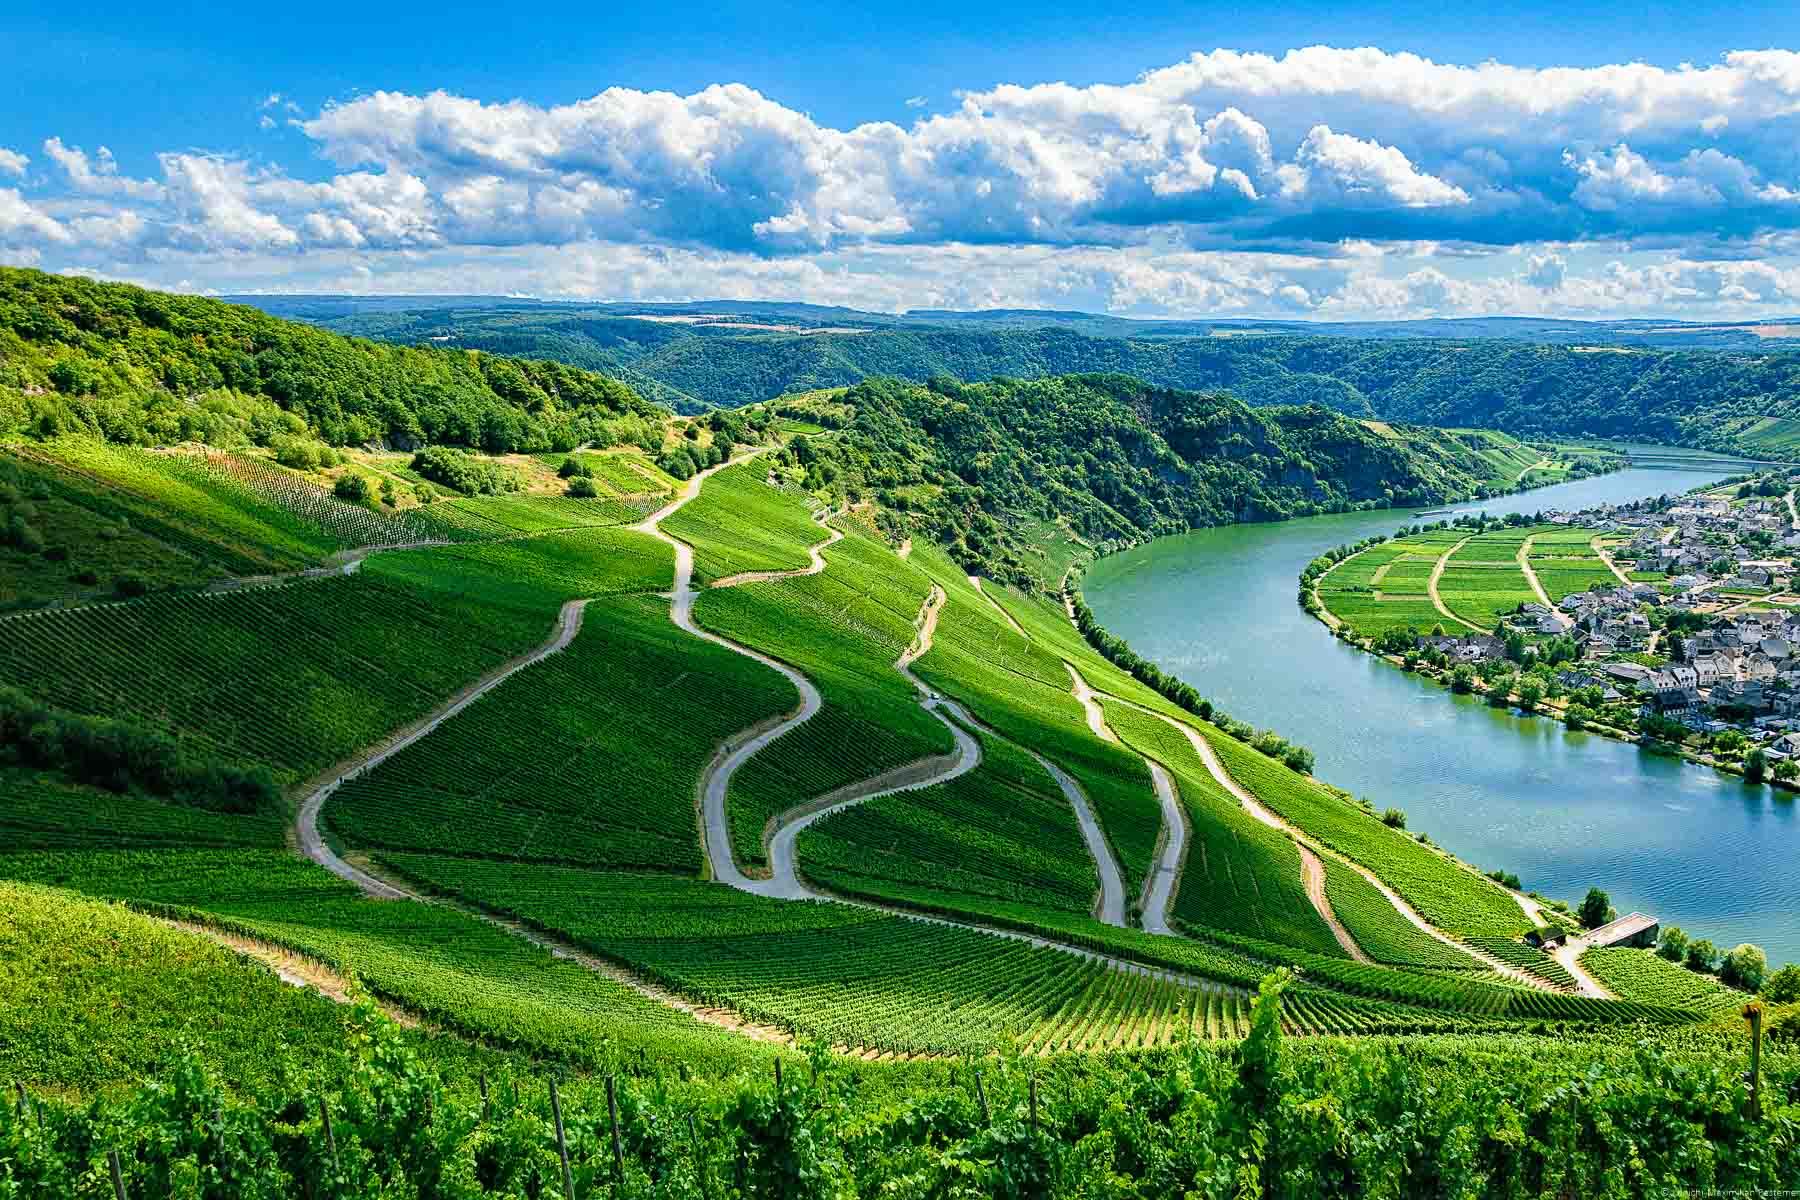 Der Weinberg Piesporter Günterslay befindet sich vorne und auf der linken Seite.. Auf der rechten Seite erkennt man den Fluss Mosel und den Ort Niederemmel. Im Hintergrund erkennt man die Moselloreley, Felsen bewaldete Hügel und blaue Wolken am Himmel.